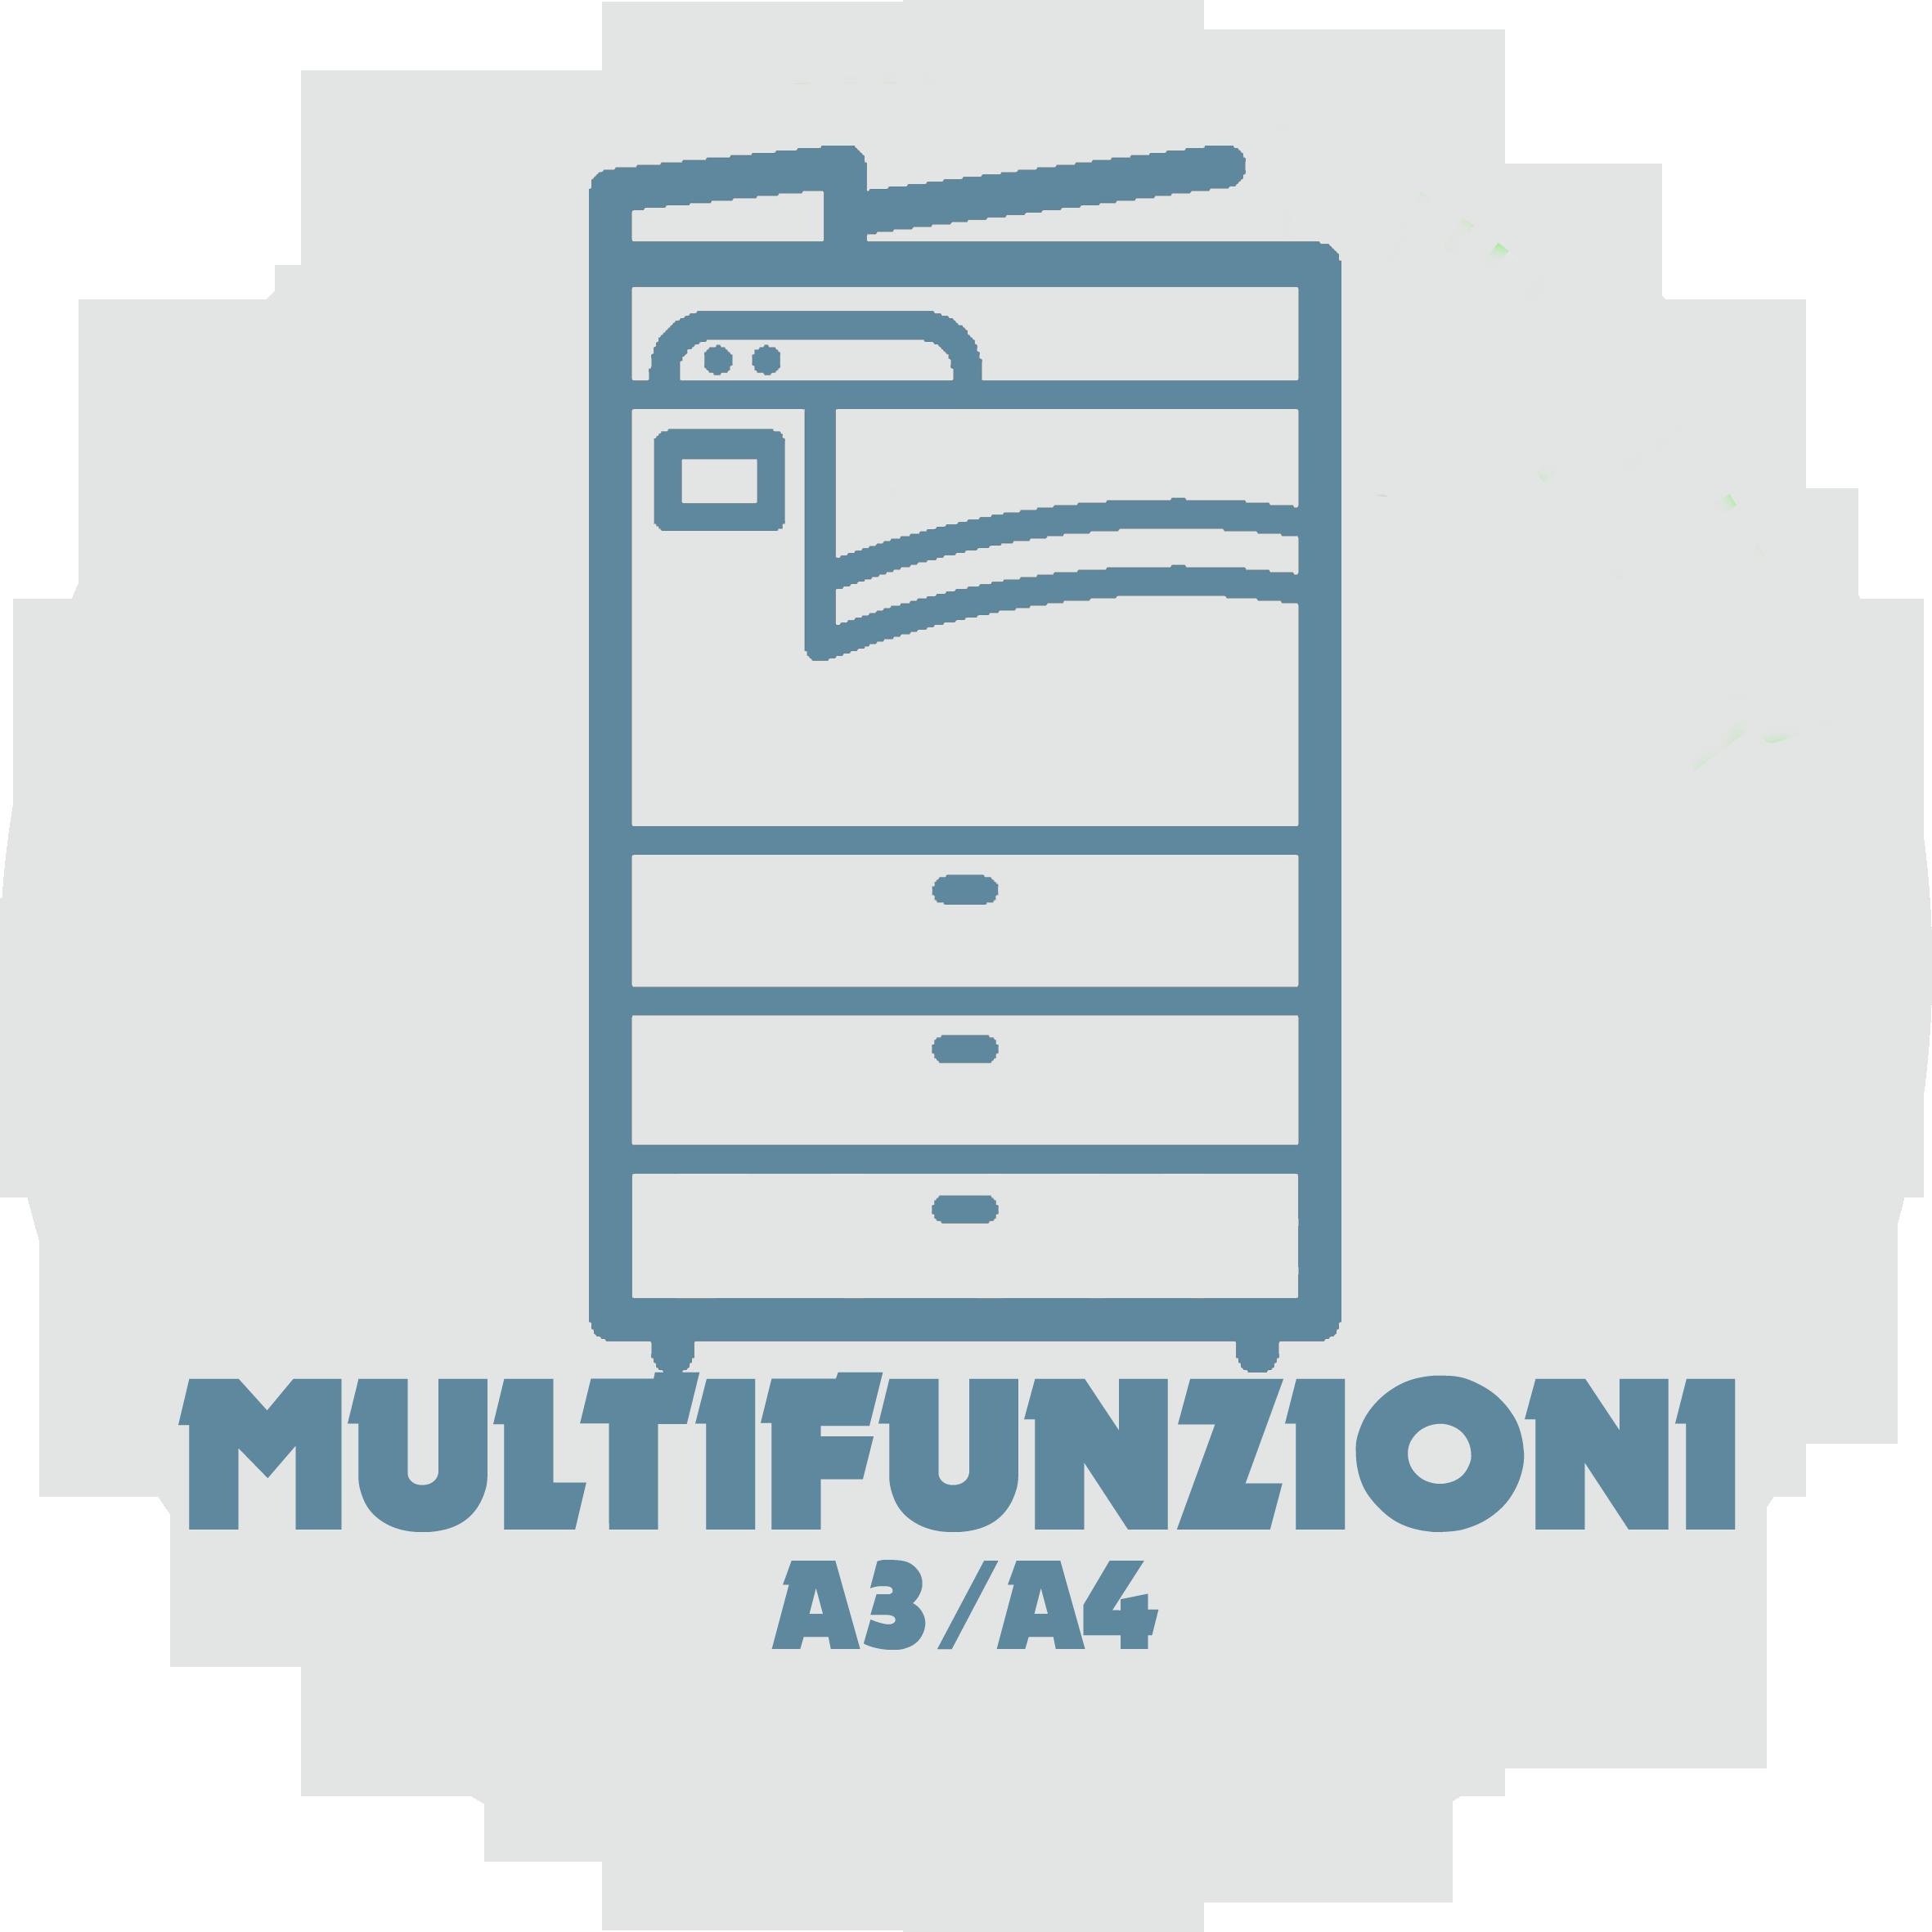 Multifunzioni A3-A4